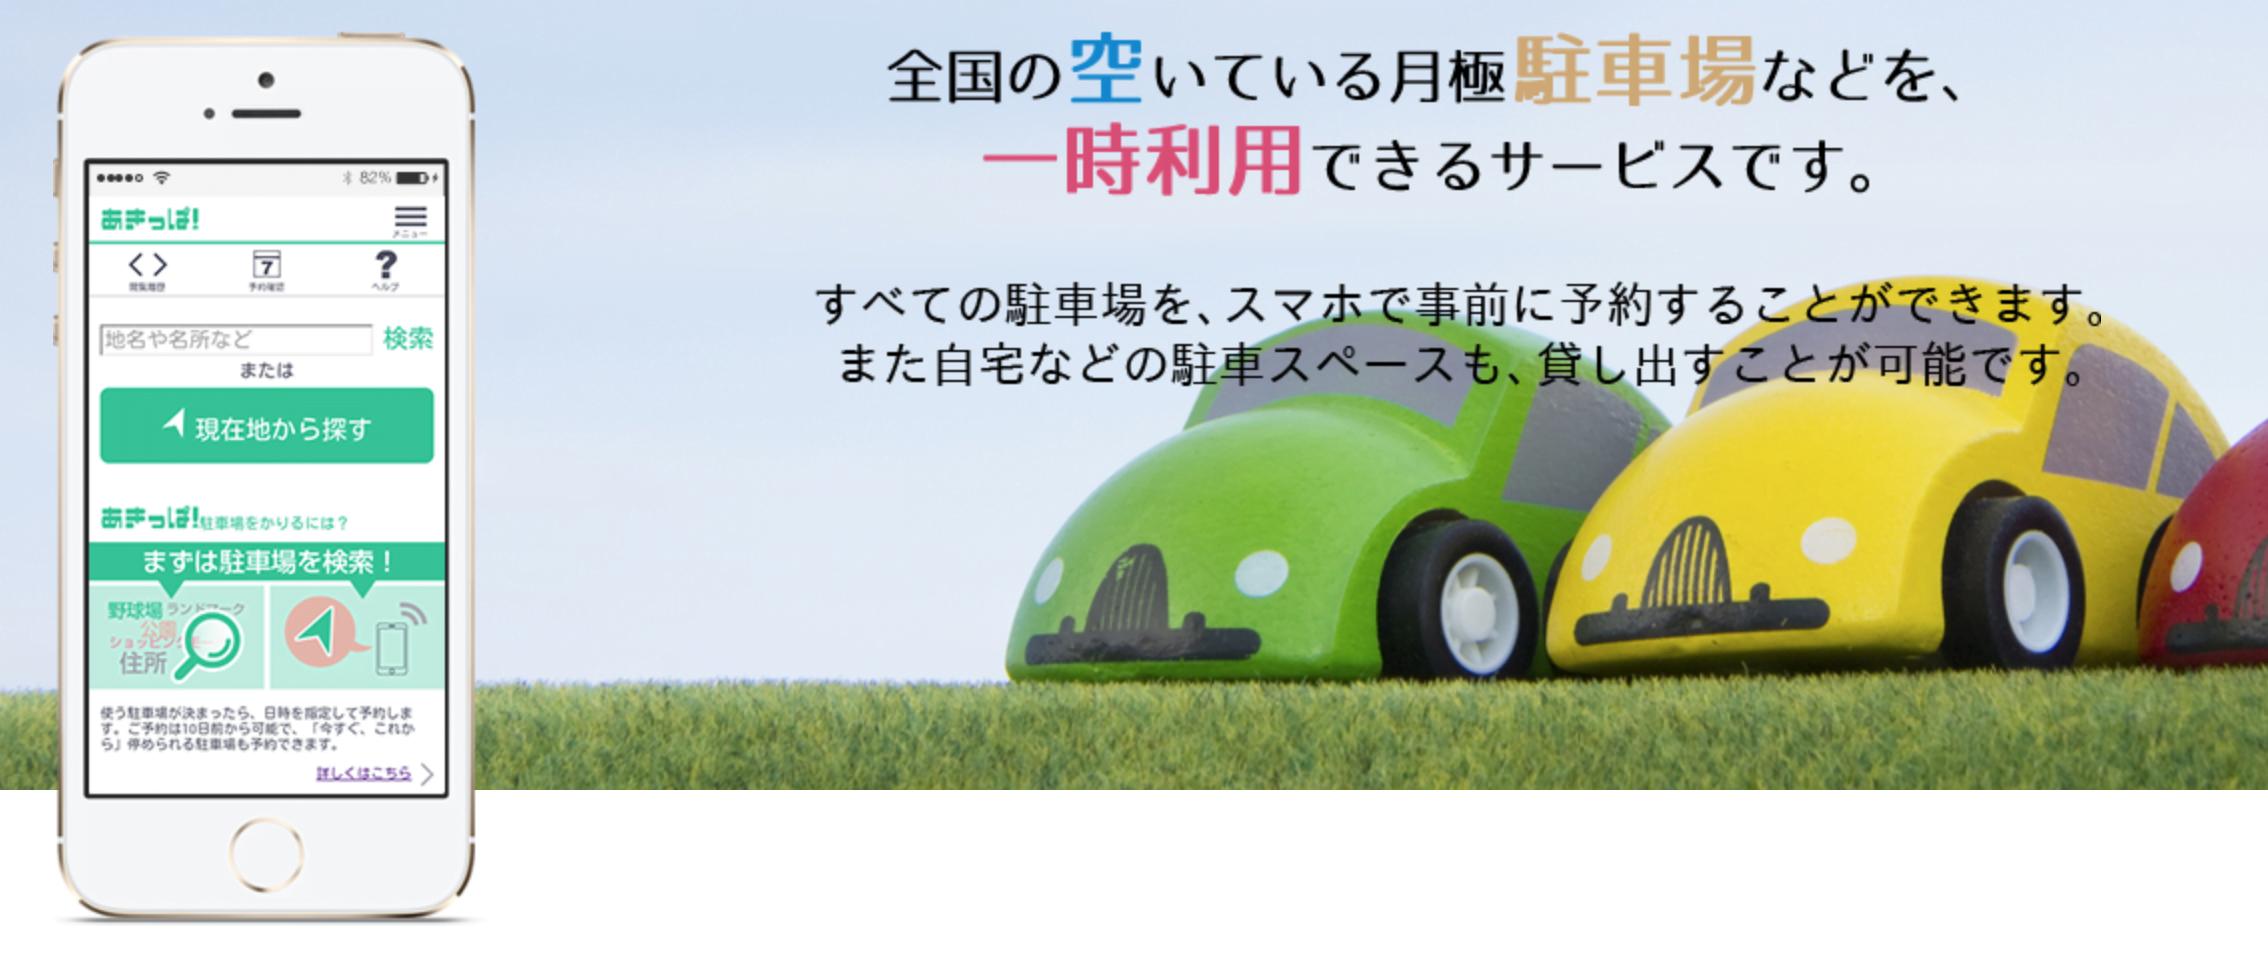 スクリーンショット 2014-09-23 9.40.09